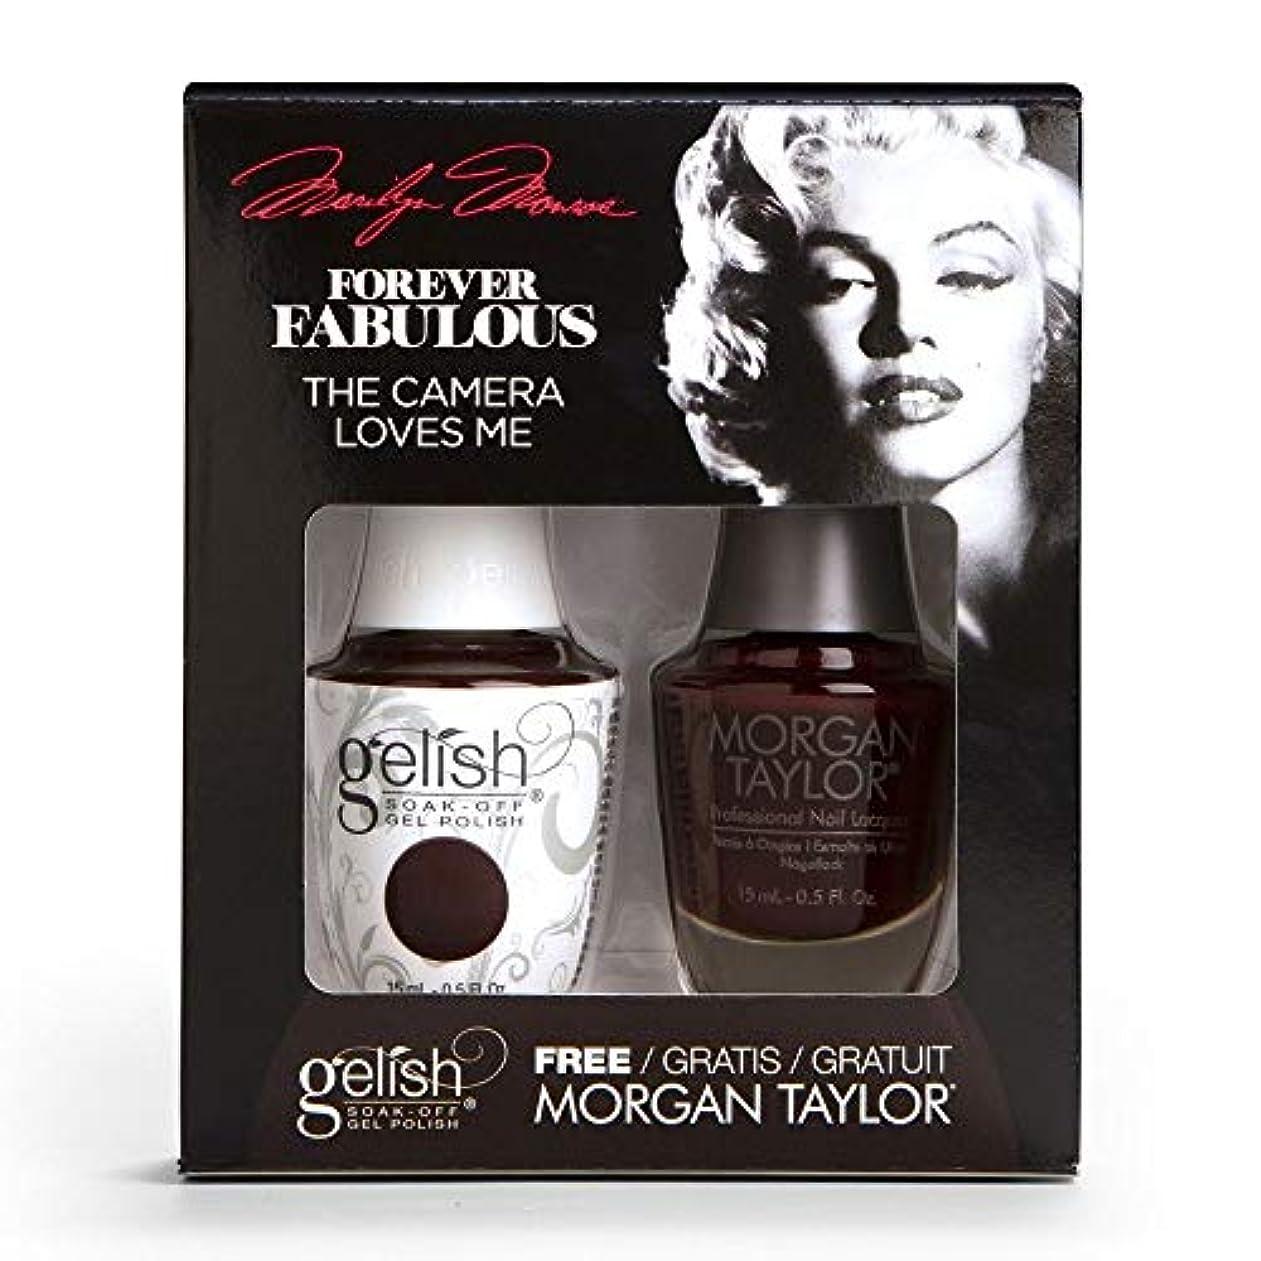 収穫ジョージバーナード翻訳者Harmony Gelish & Morgan Taylor - Two Of A Kind - Forever Fabulous Marilyn Monroe - The Camera Loves Me 15 mL /...